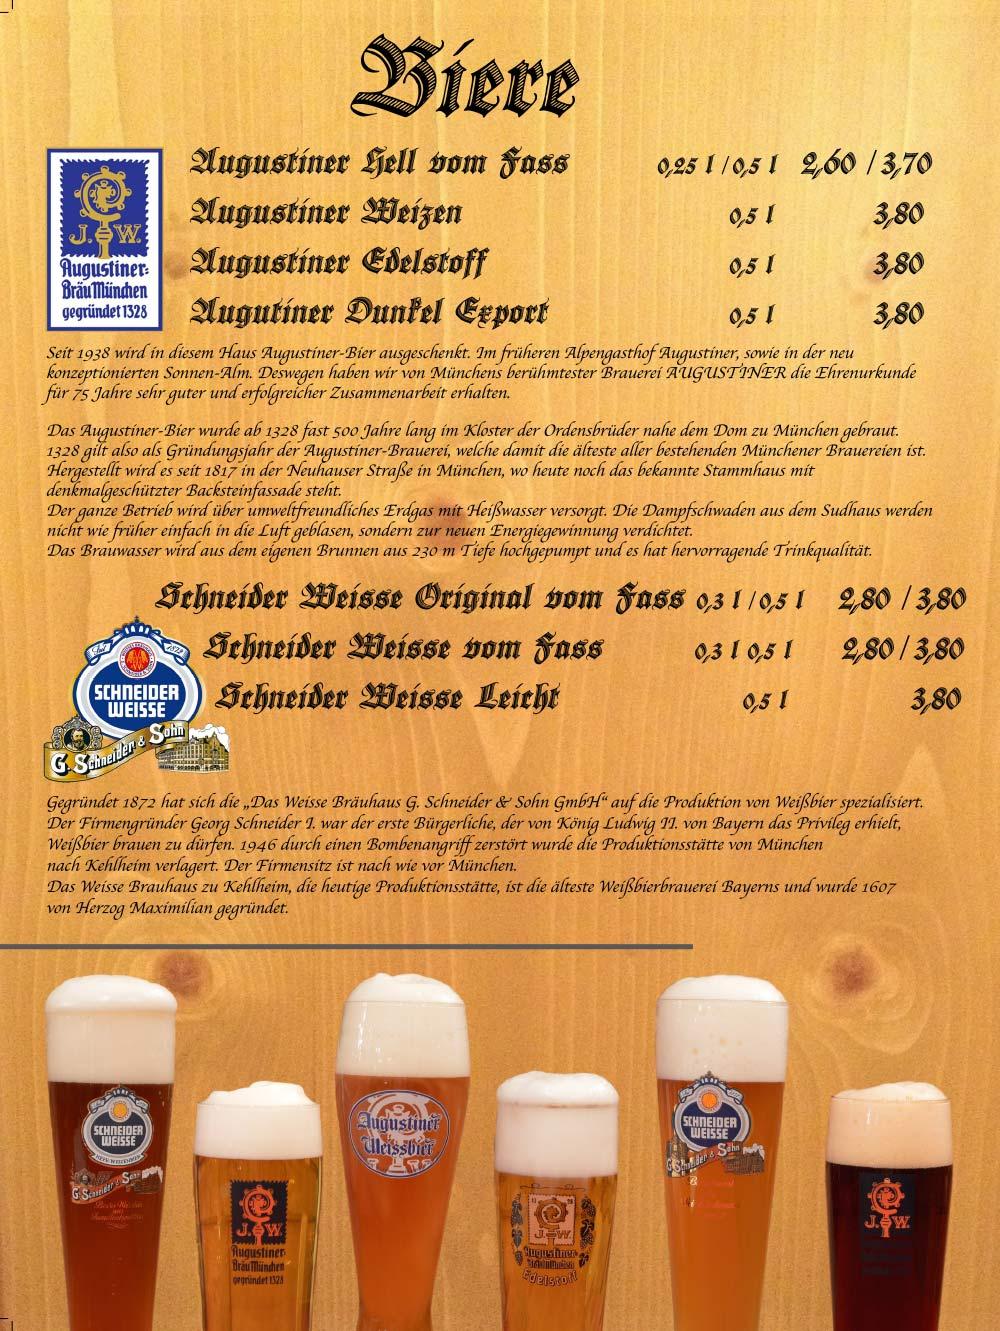 Speisekarte - Biere 2